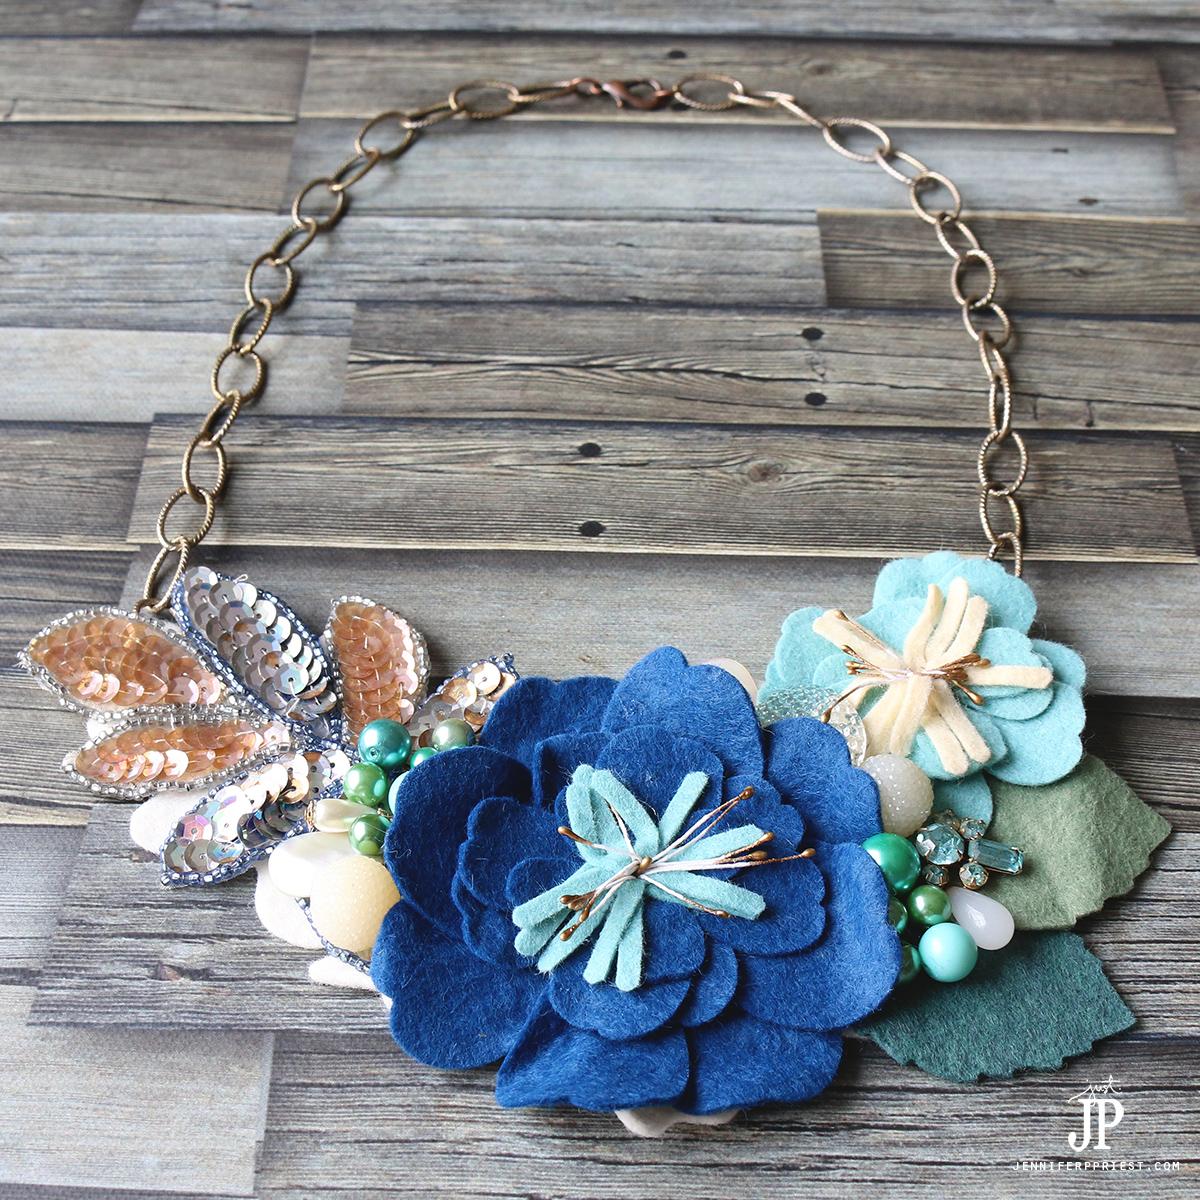 Jewelry MIY: Floral Bib Necklace